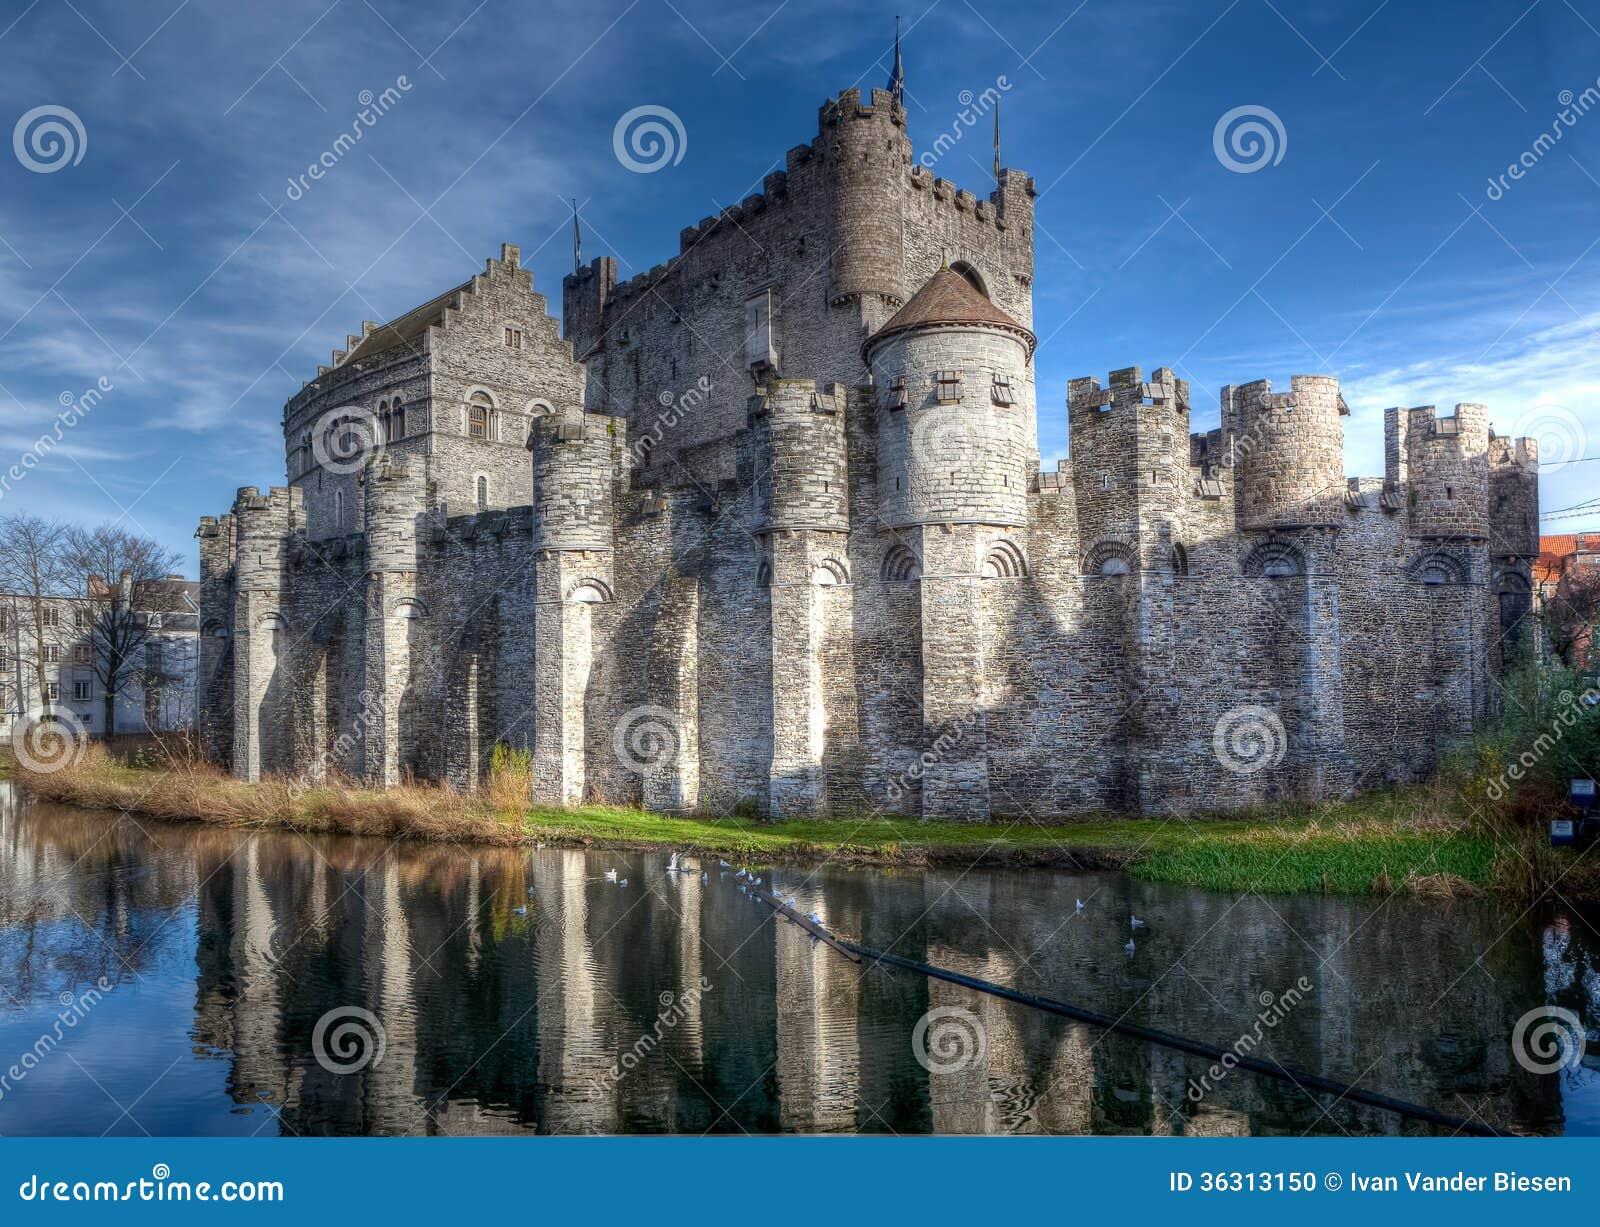 Mittelalterliches Gravensteen-Schloss in Gent, Belgien